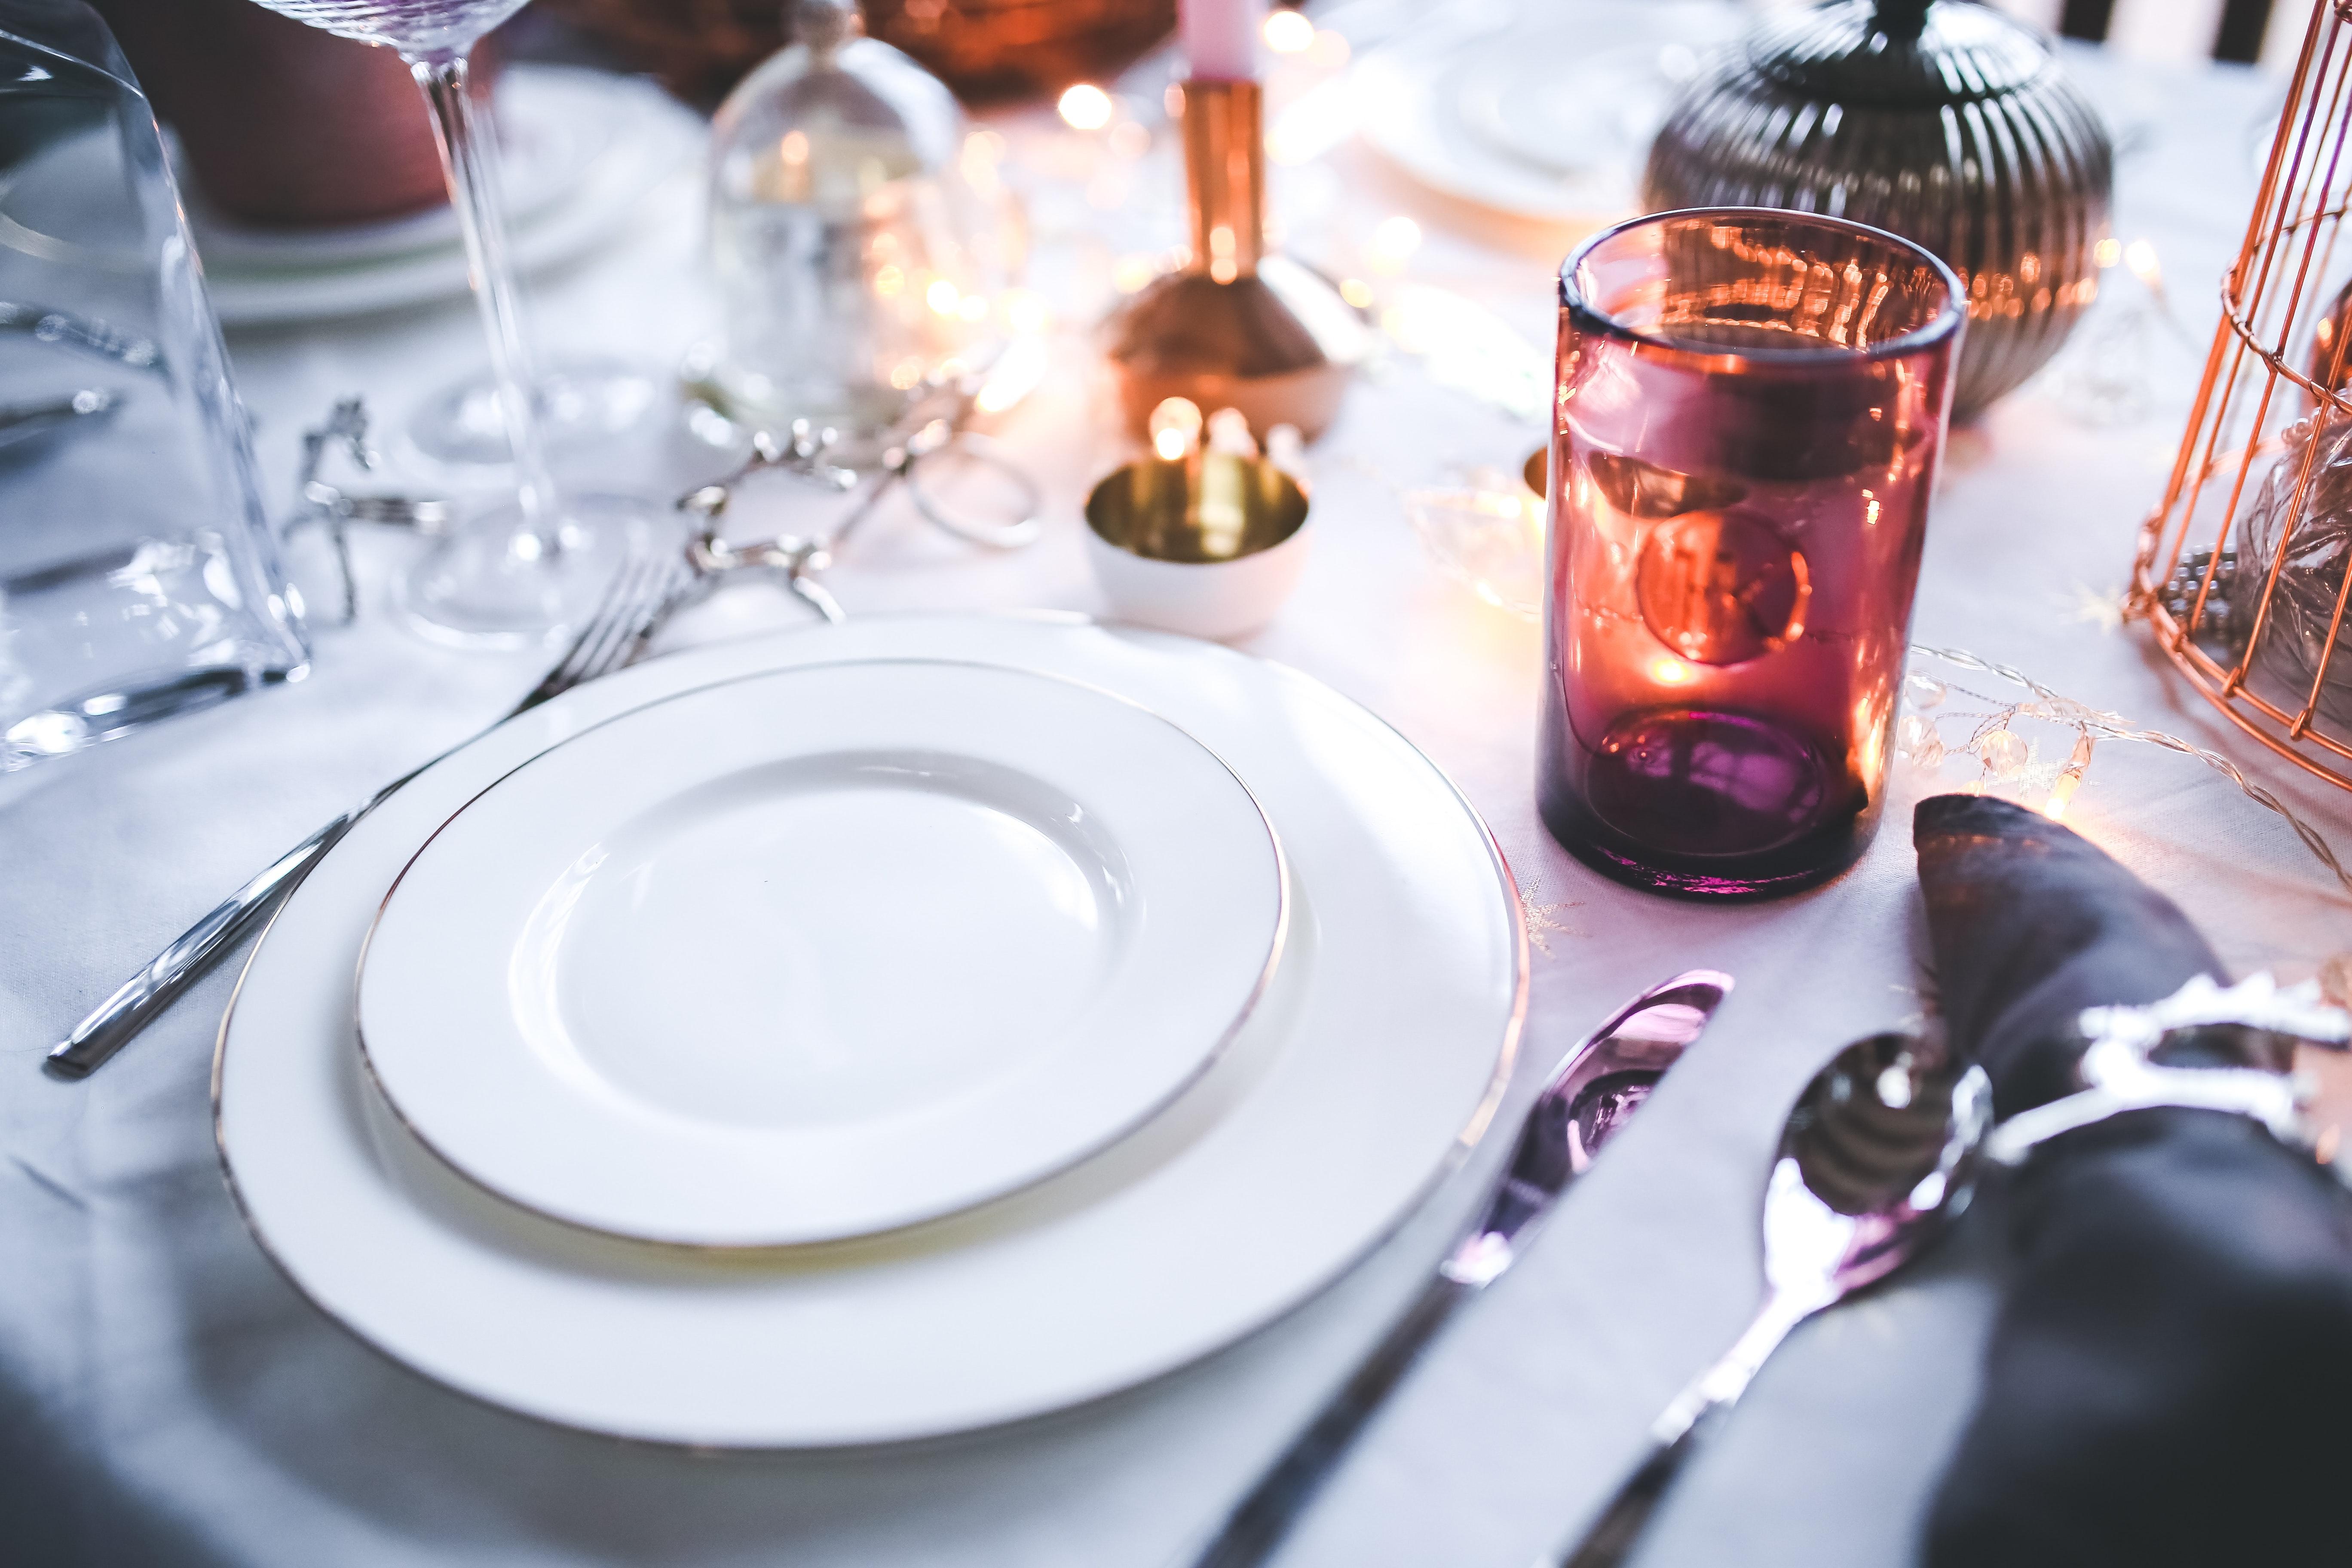 christmas-cutlery-dinner-6305